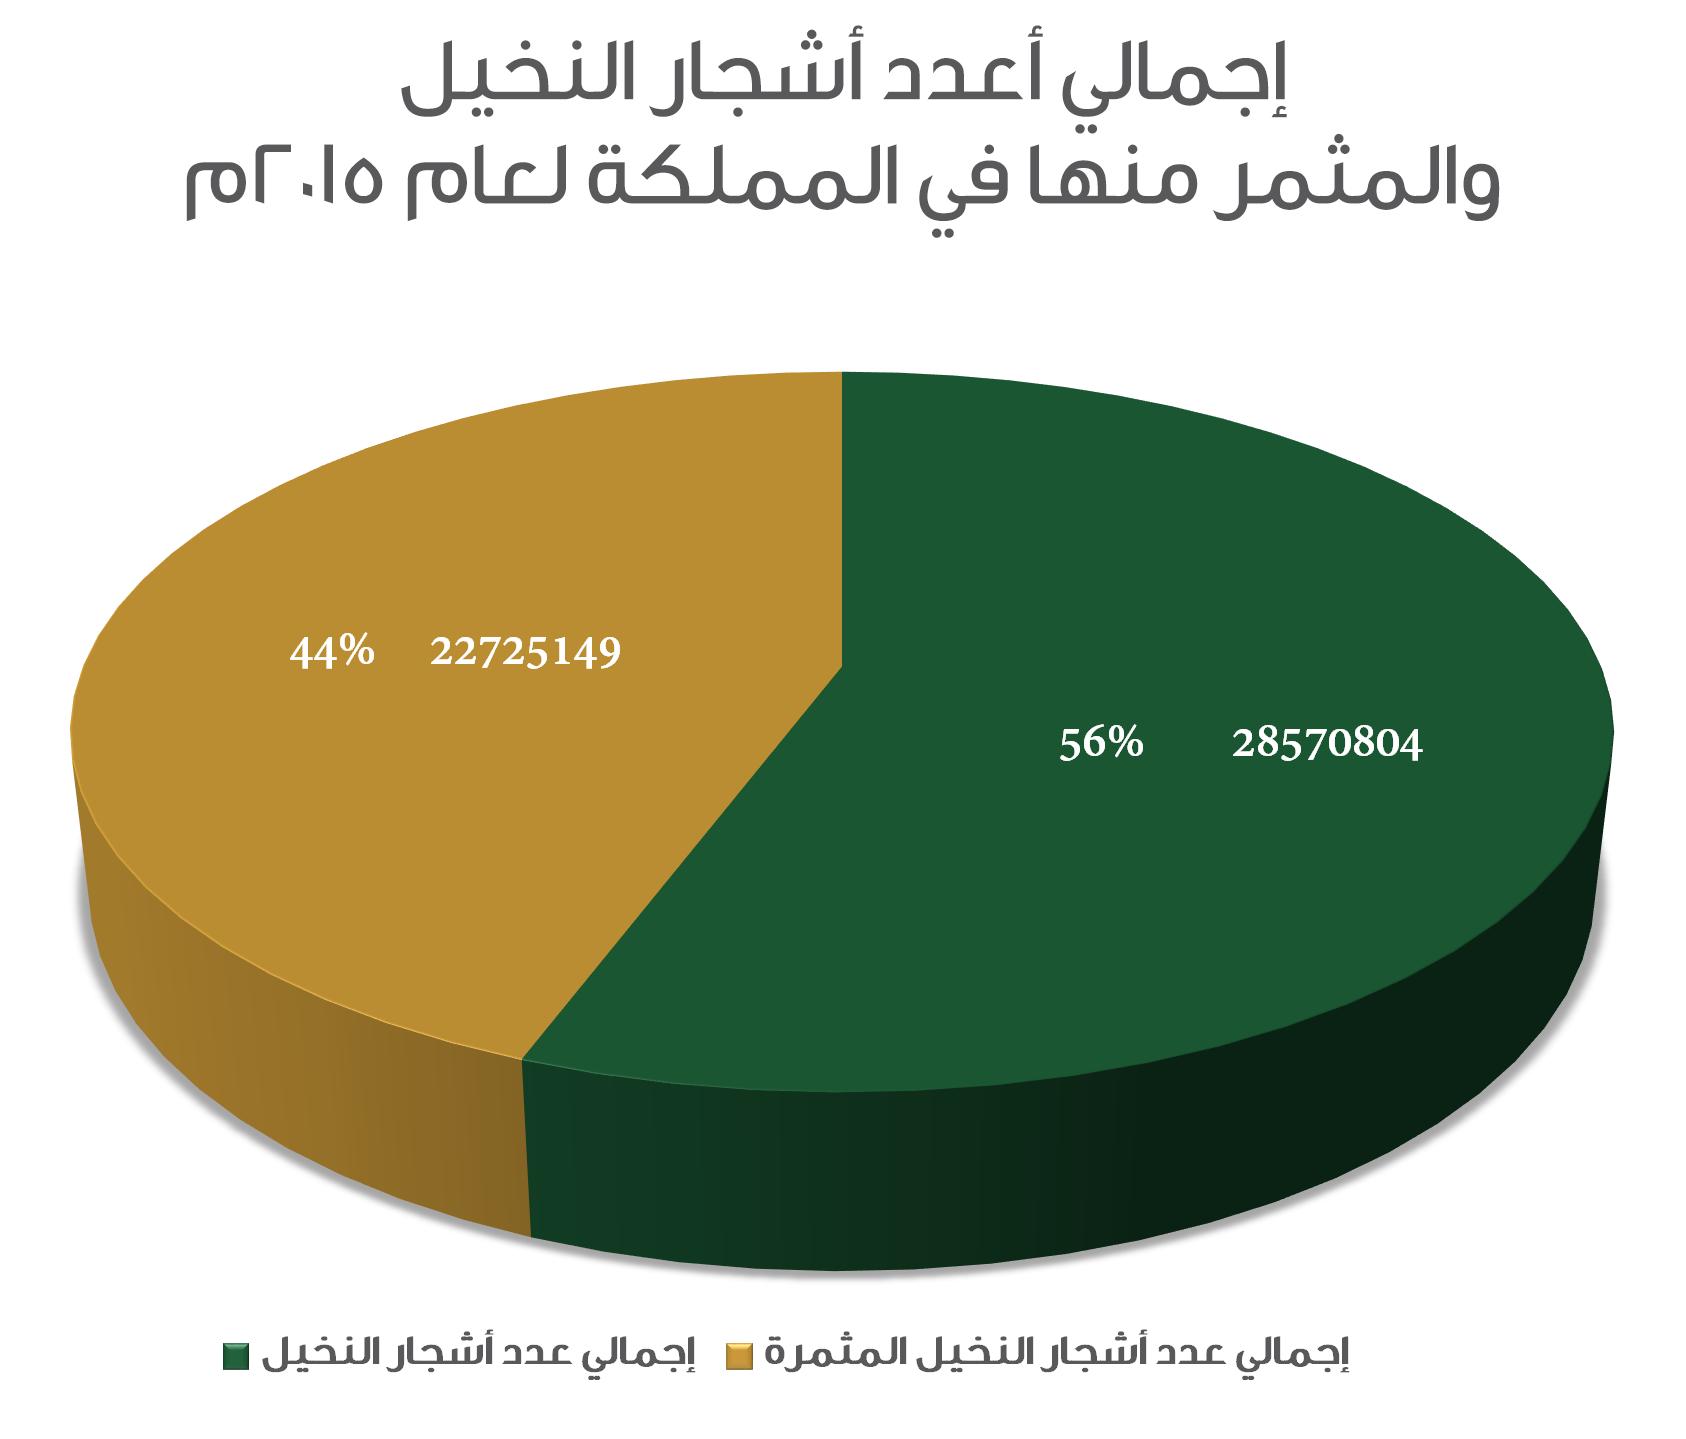 إجمالي أعداد أشجار النخيل والمثمر منها لعام 2015